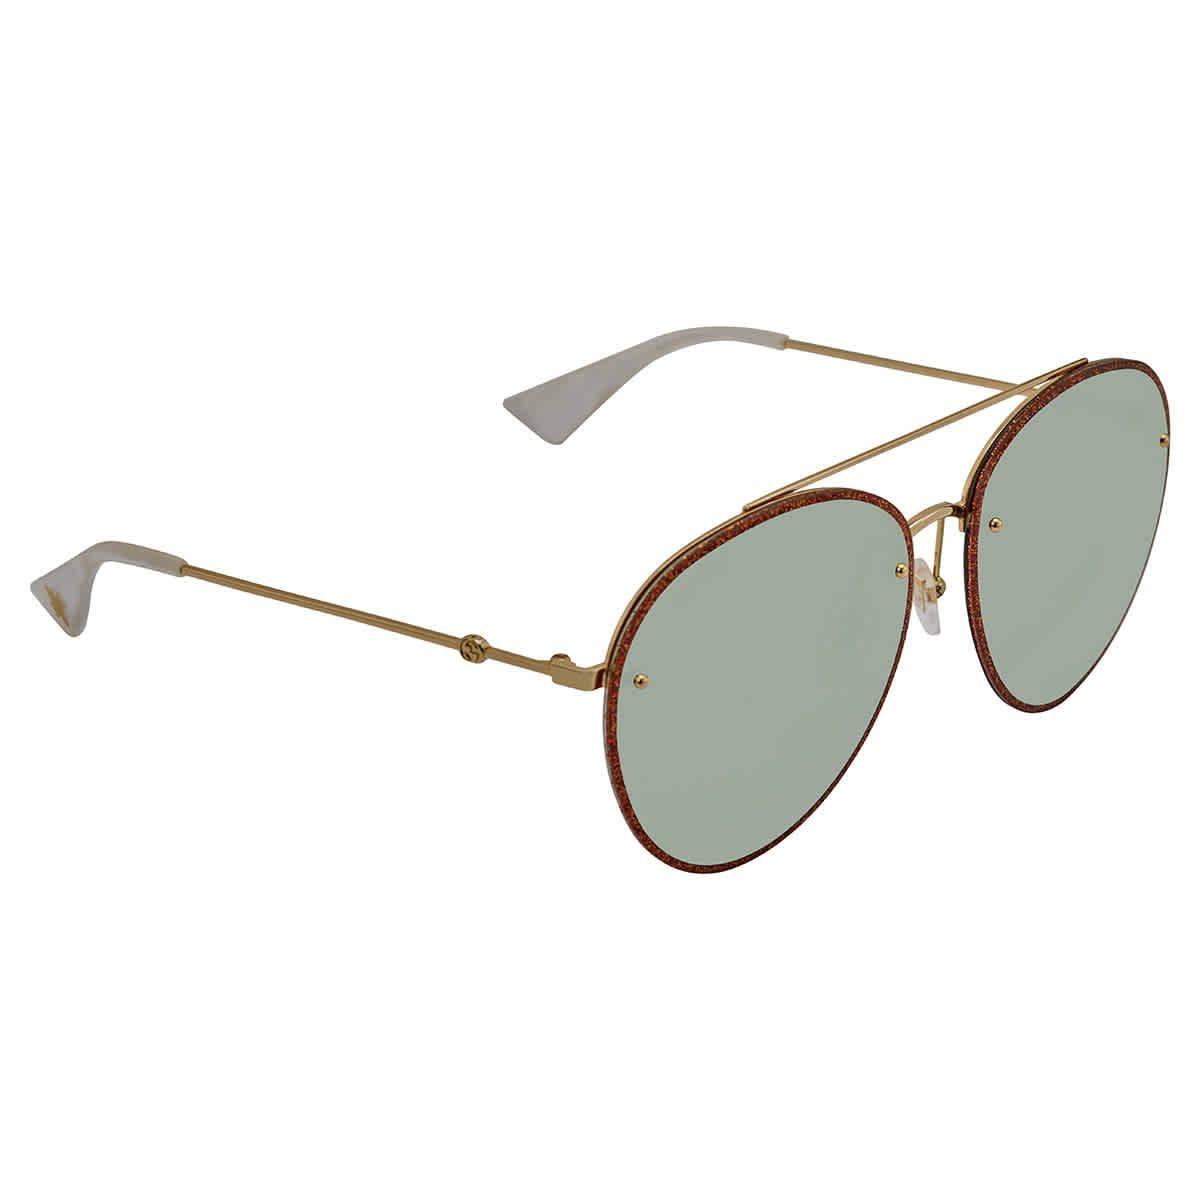 Gucci Green Aviator Sunglasses GG0351S 005 62